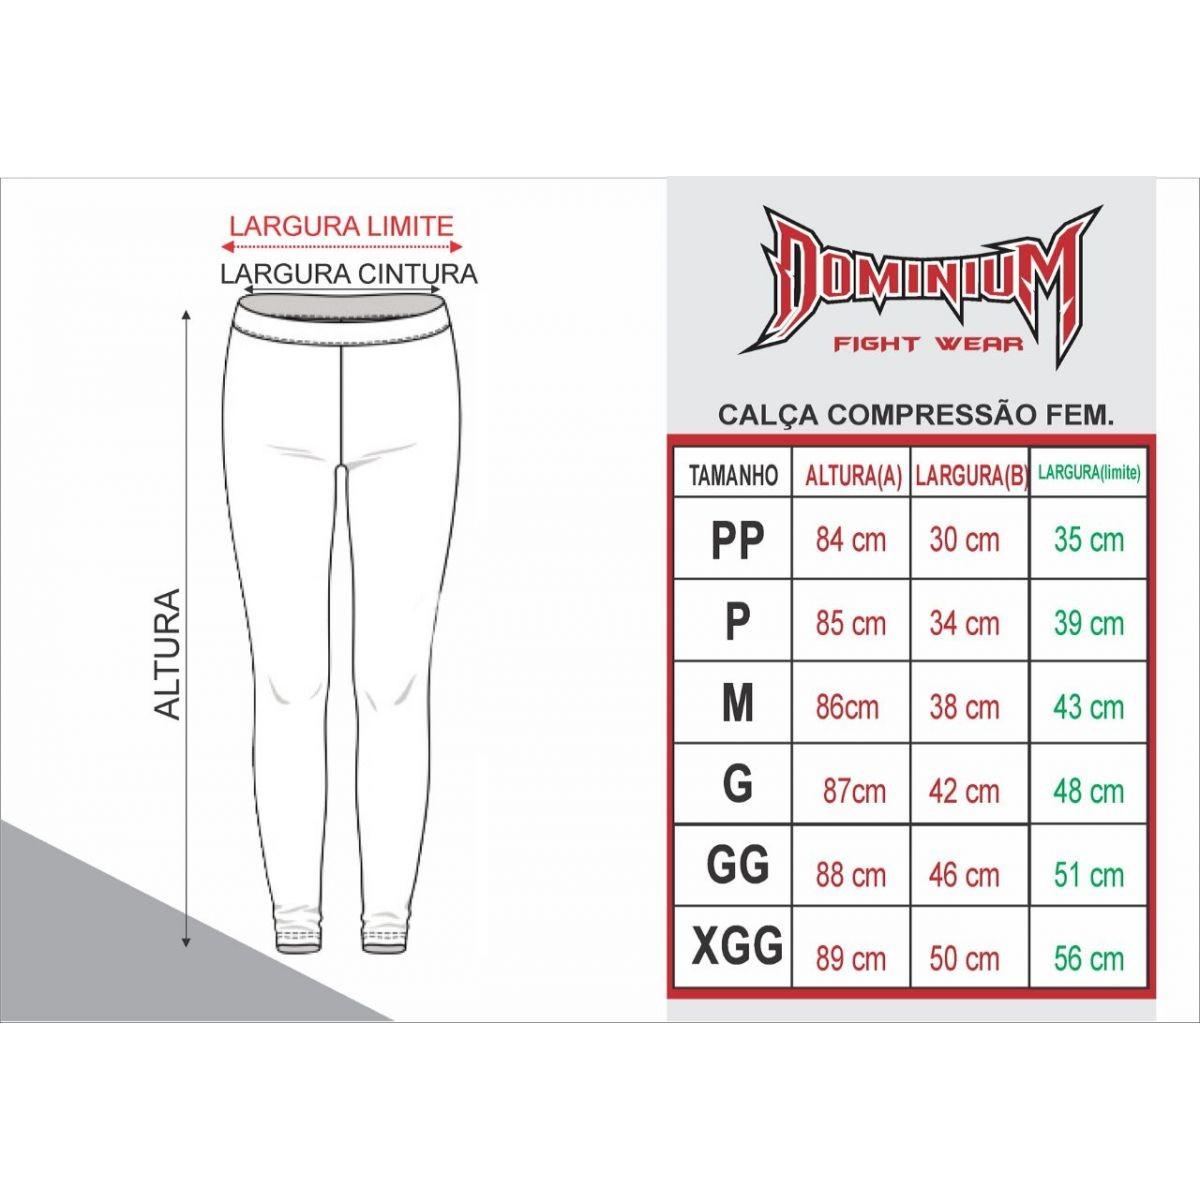 Calça de Compressão Térmica- Feminina - Kickboxing - 2165P- Preto/Branco- Dominium .  - Loja do Competidor